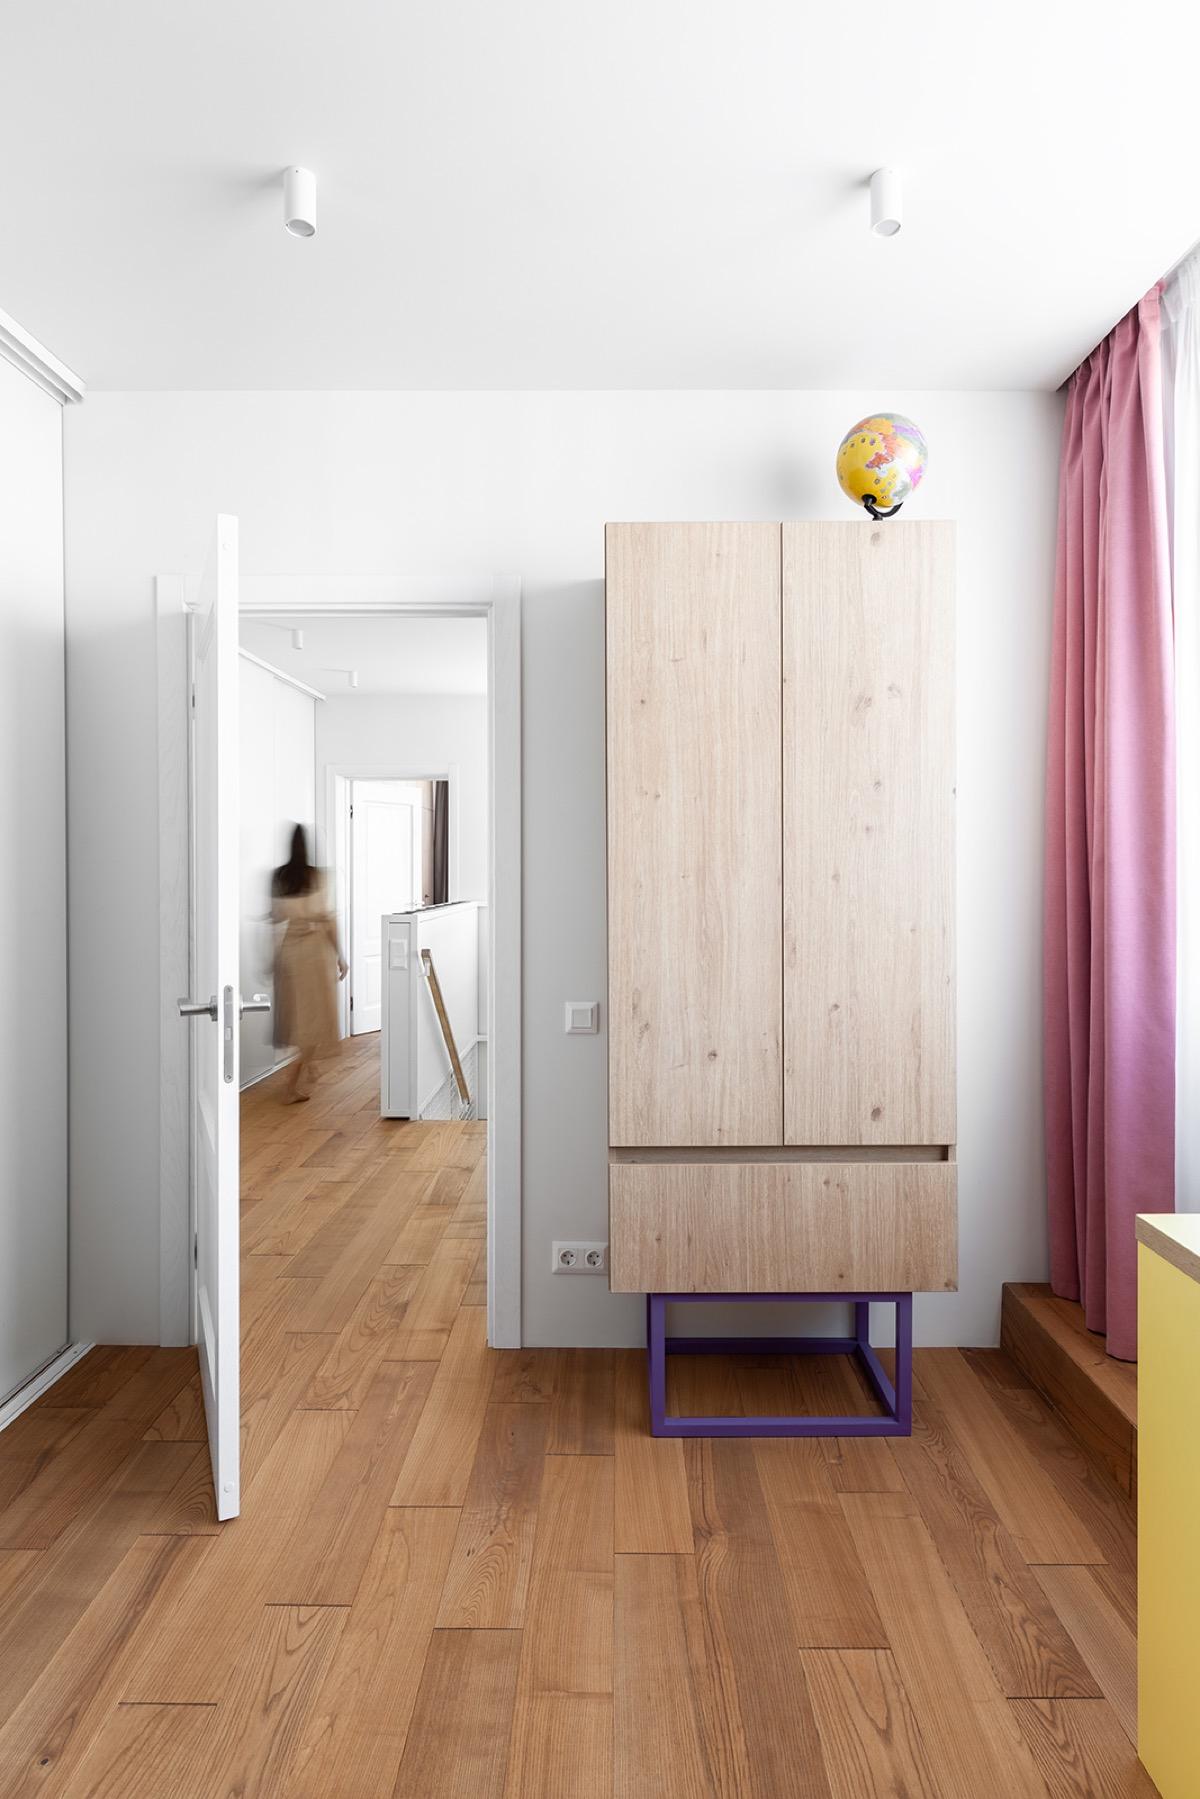 Семейный дом с пространством для бега и игр: фотообзор